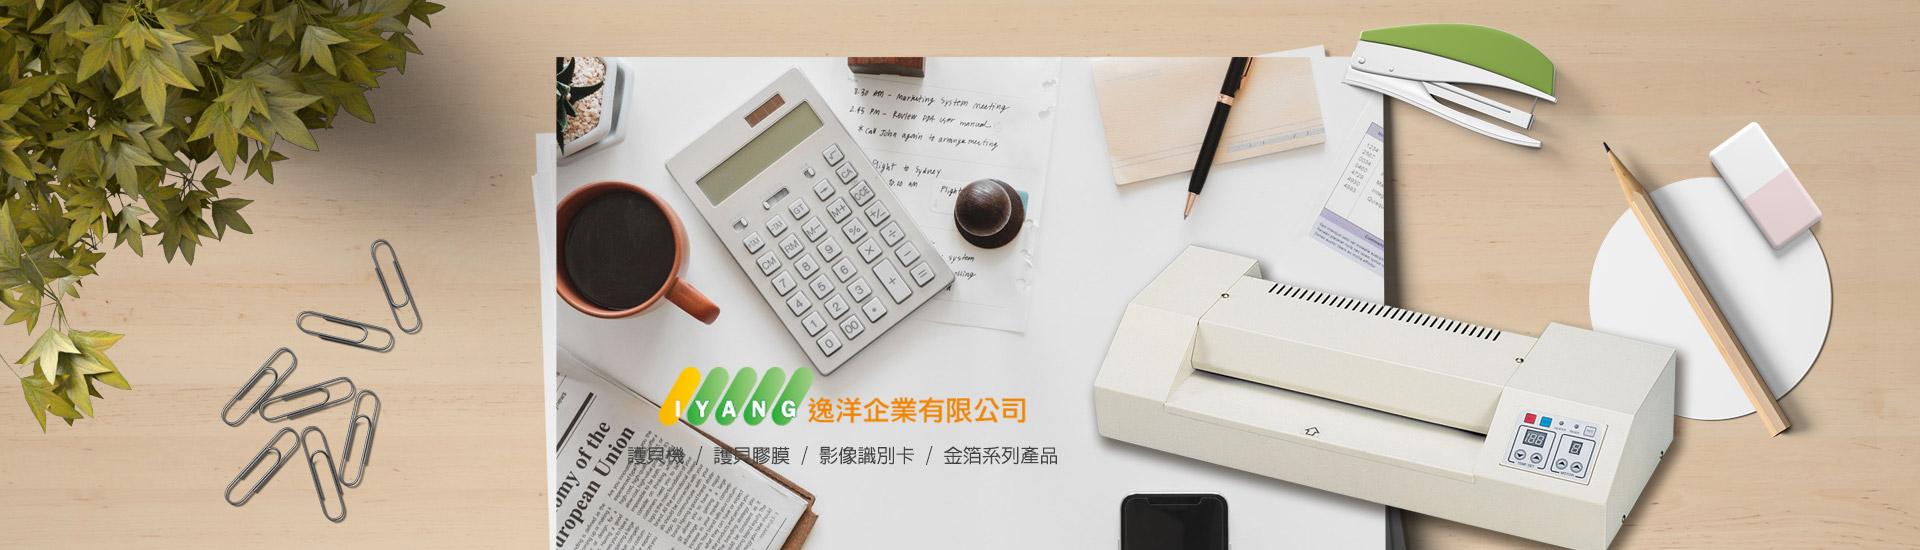 逸洋企業(新北市事務用品)